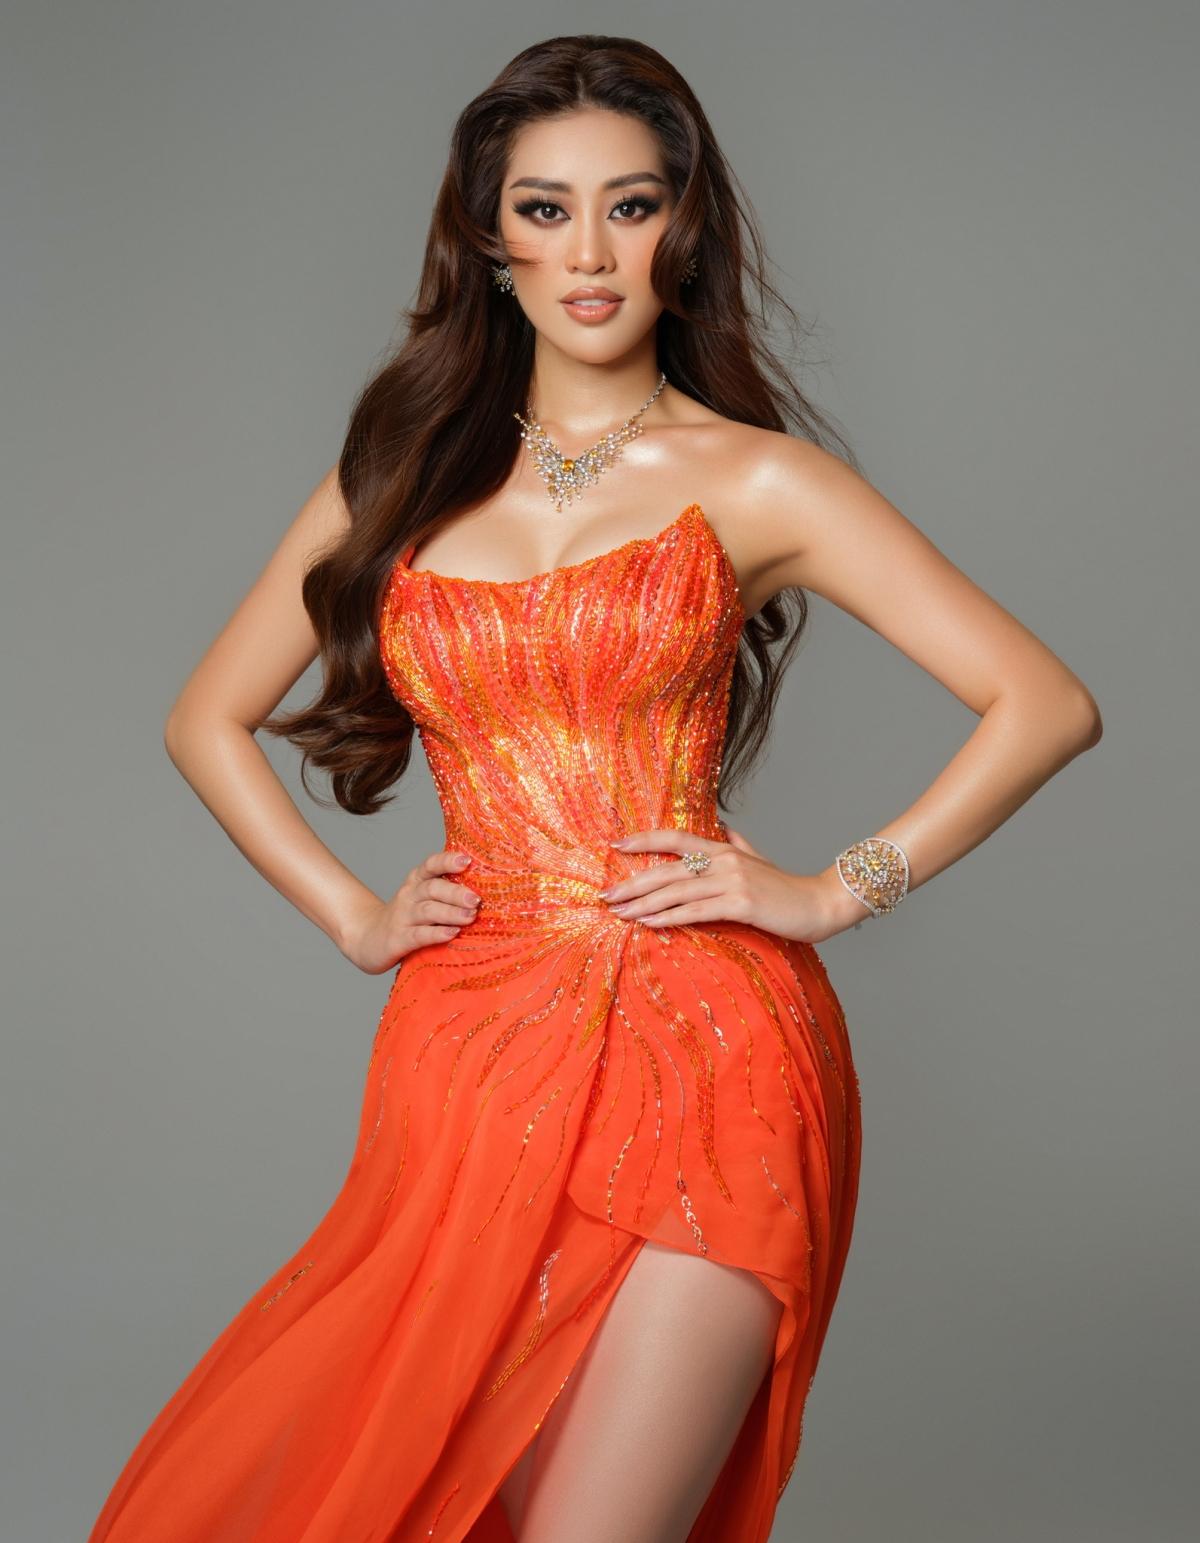 Chung kết Miss Universe diễn ra lúc 7h sáng 17/5, khán giả có thể xem trên kênh Foxlife. Miss Universe lần thứ 69 diễn ra tại Mỹ từ ngày 6 – 16/05/2021 (theo giờ Mỹ). Khán giả có thể bầu chọn cho Khánh Vân vào thẳng Top 21 bằng cách vote thông qua ứng dụng Miss Universe, cổng bình chọn đã mở và sẽ đóng lại đến hết ngày 15/5/2021 (theo giờ Mỹ). Phần thi National Costume mở cổng bình chọn từ ngày 13/5/2021 đến hết ngày 15/5/2021 (theo giờ Mỹ)./.